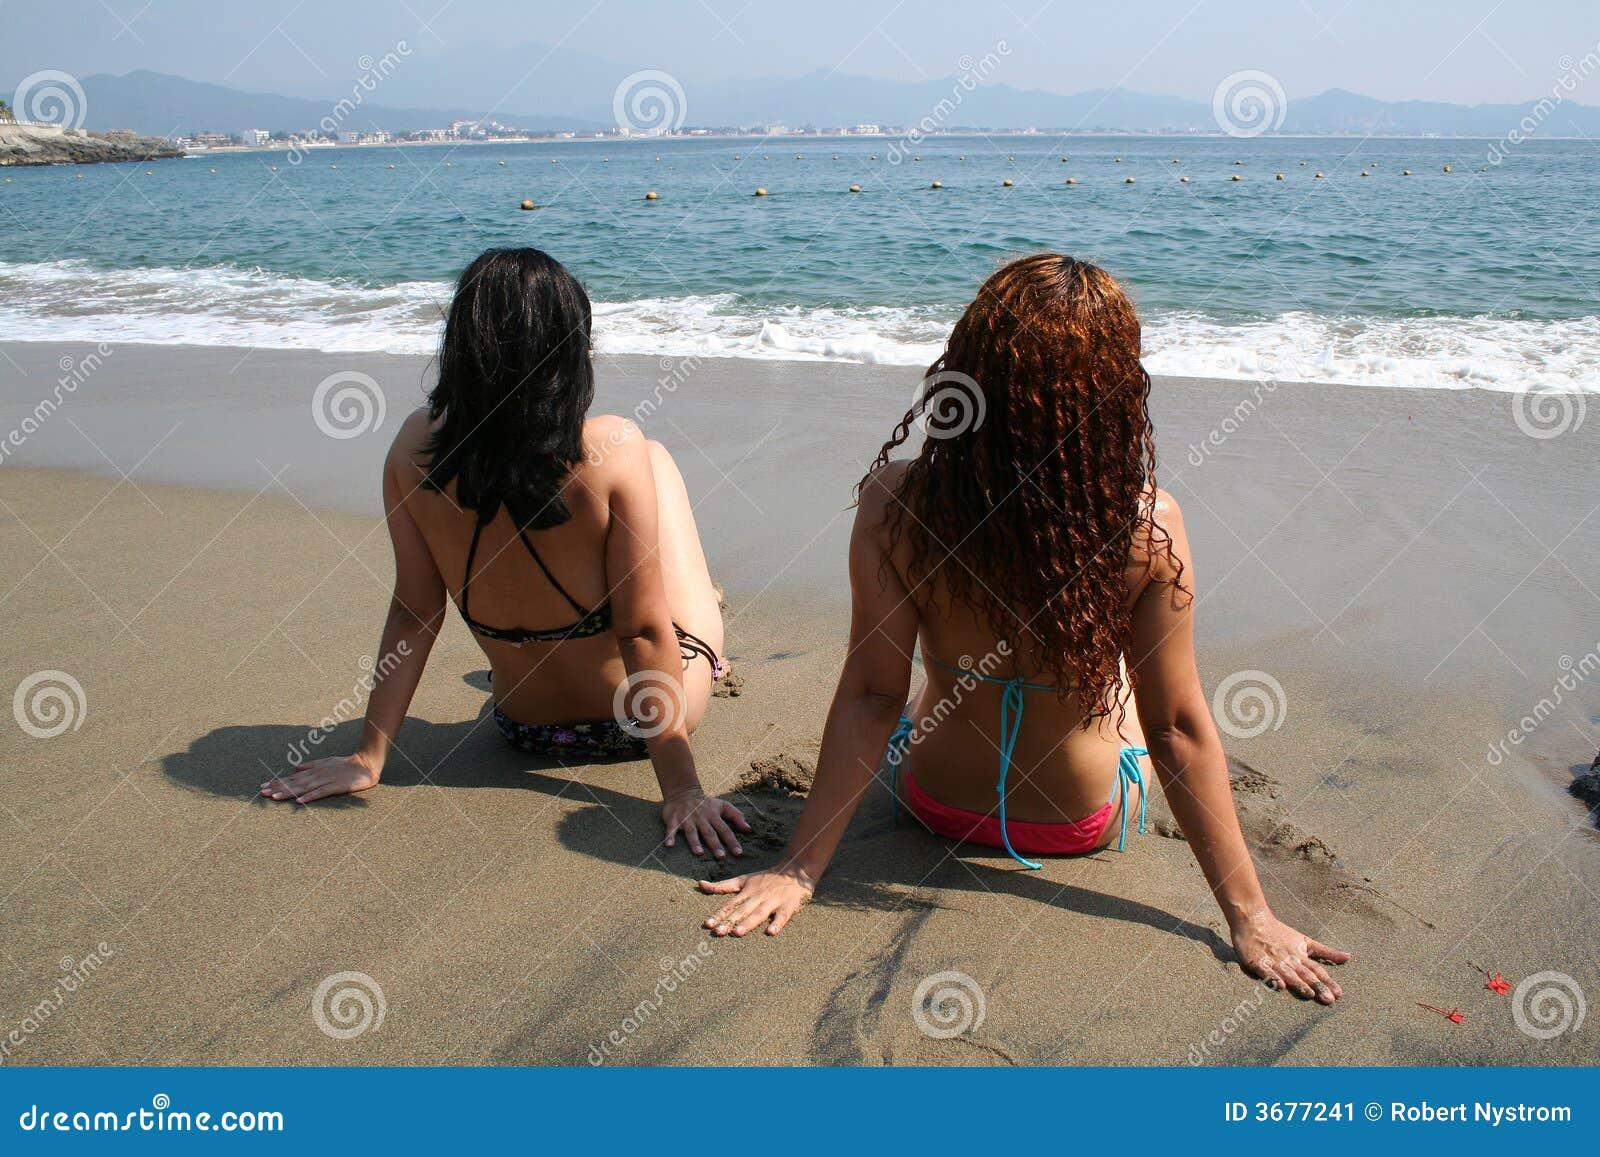 Download Spiaggia immagine stock. Immagine di godimento, back, bello - 3677241